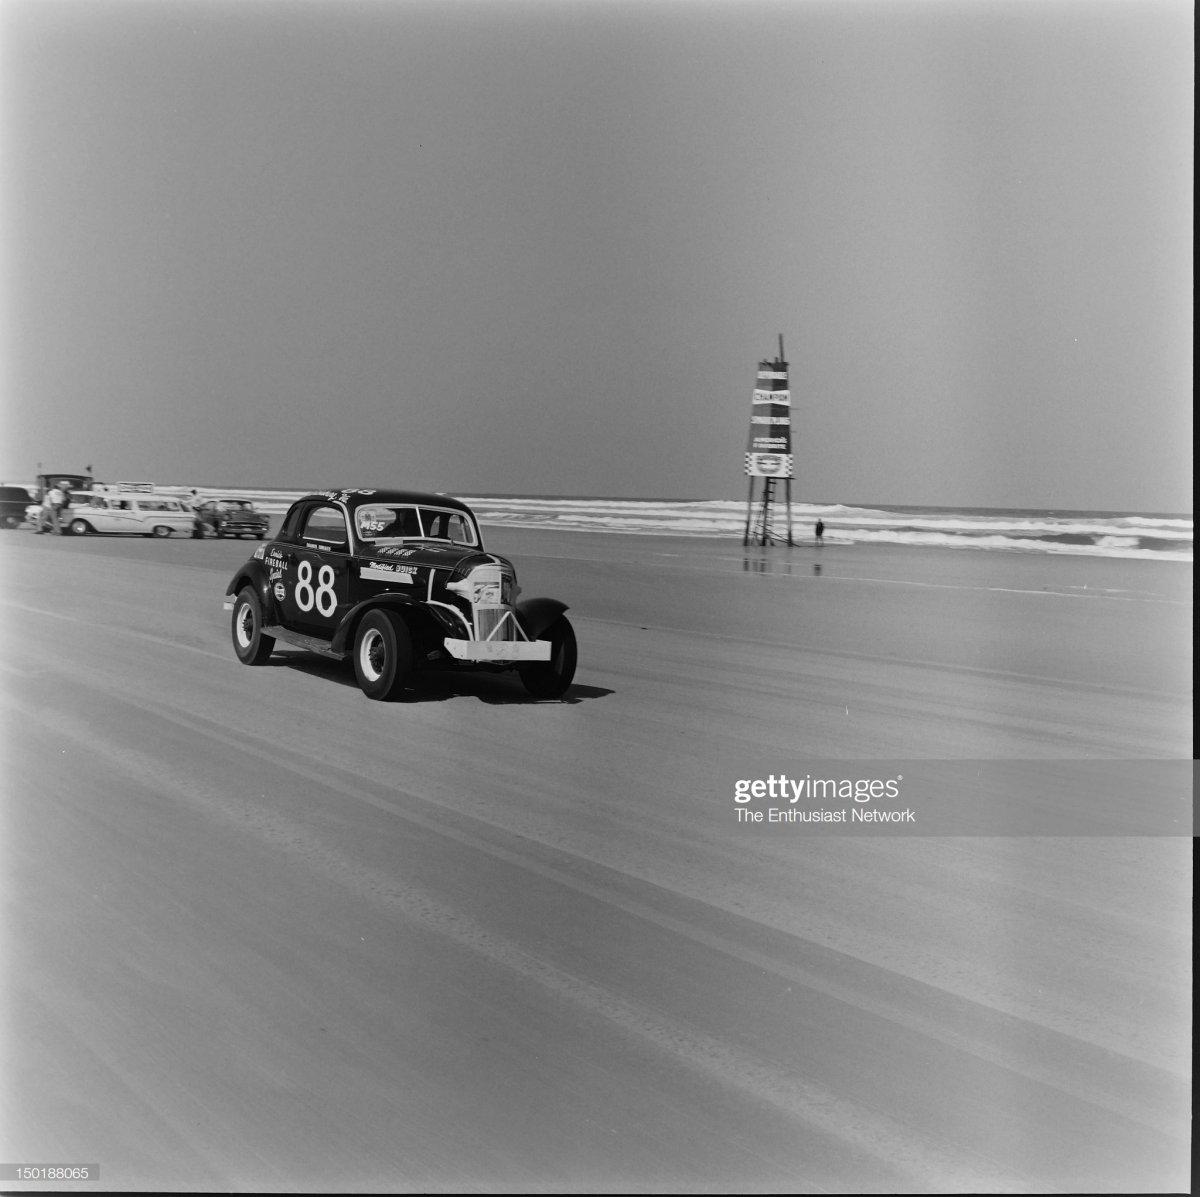 65 1957 NASCAR Daytona Flying Mile and Accele.jpg